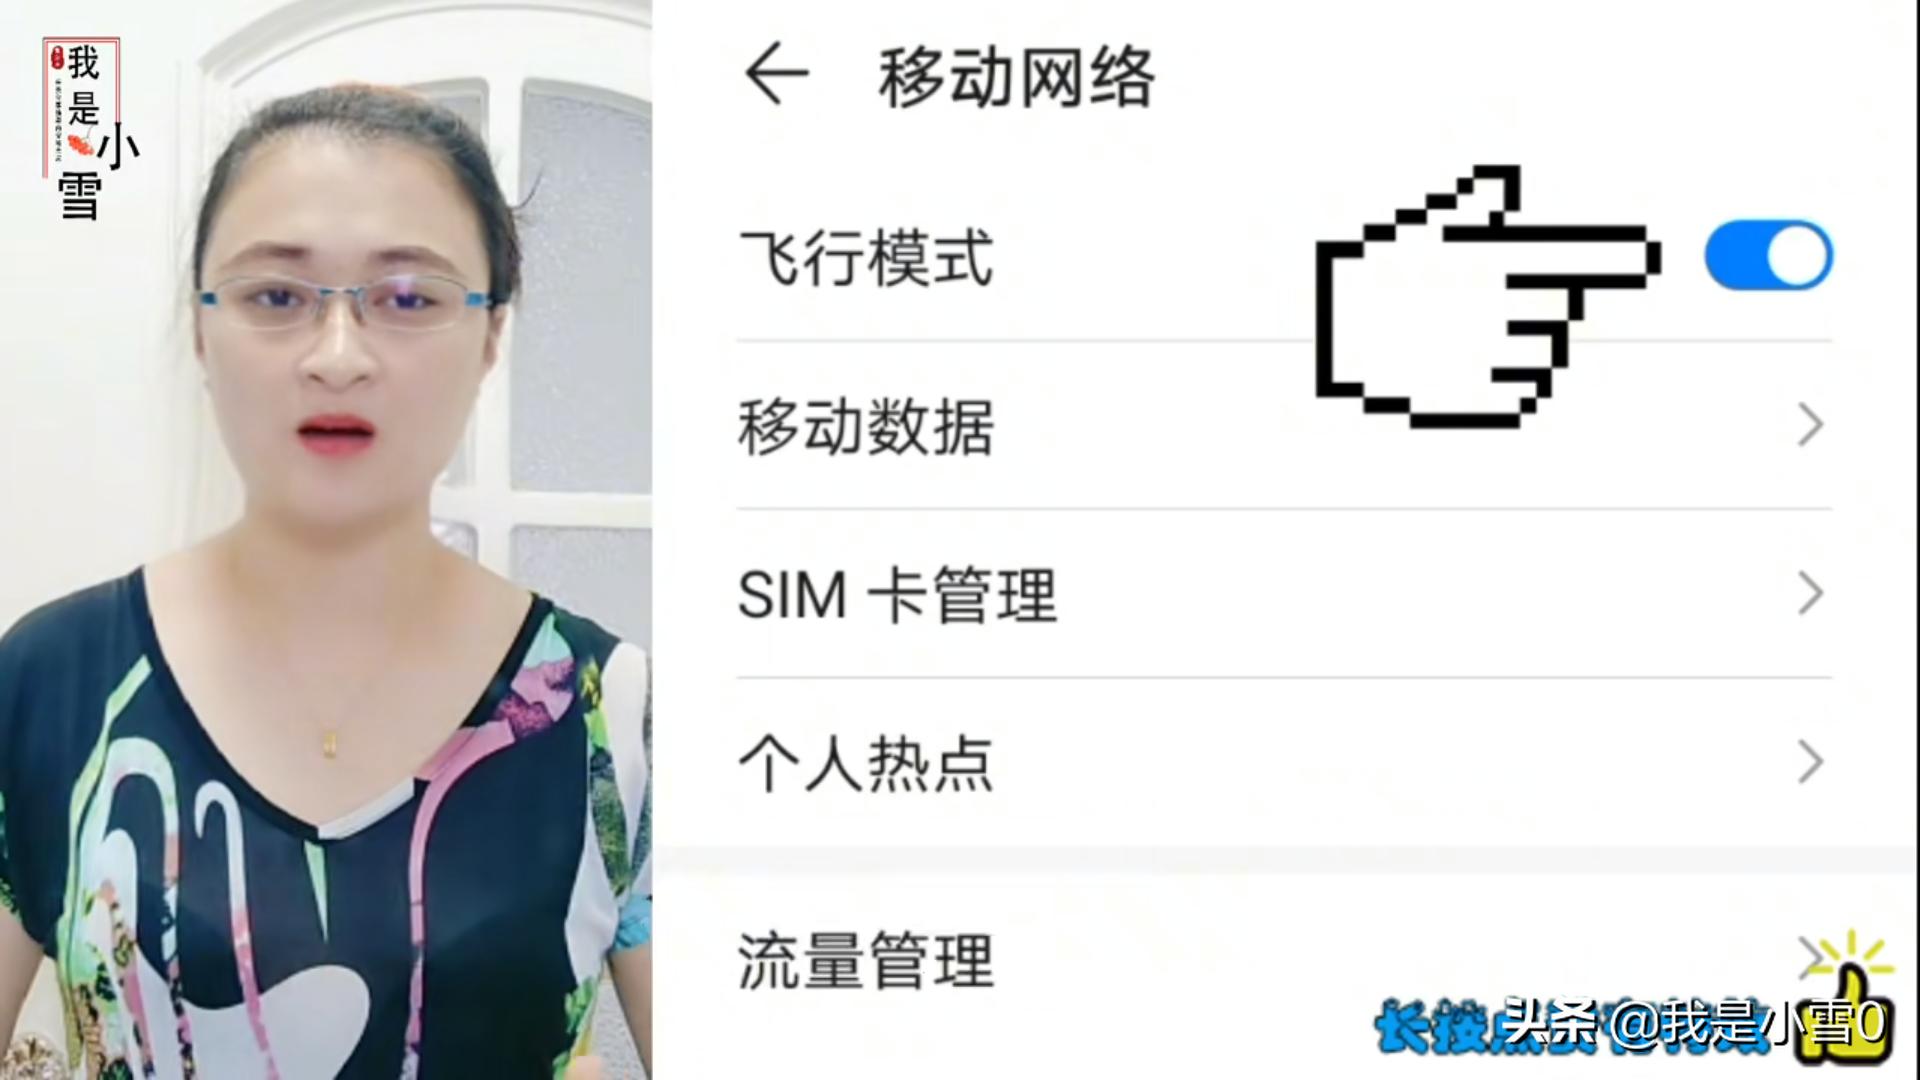 怎么卸载手机上下载的软件(正确卸载手机软件的方法)(4)